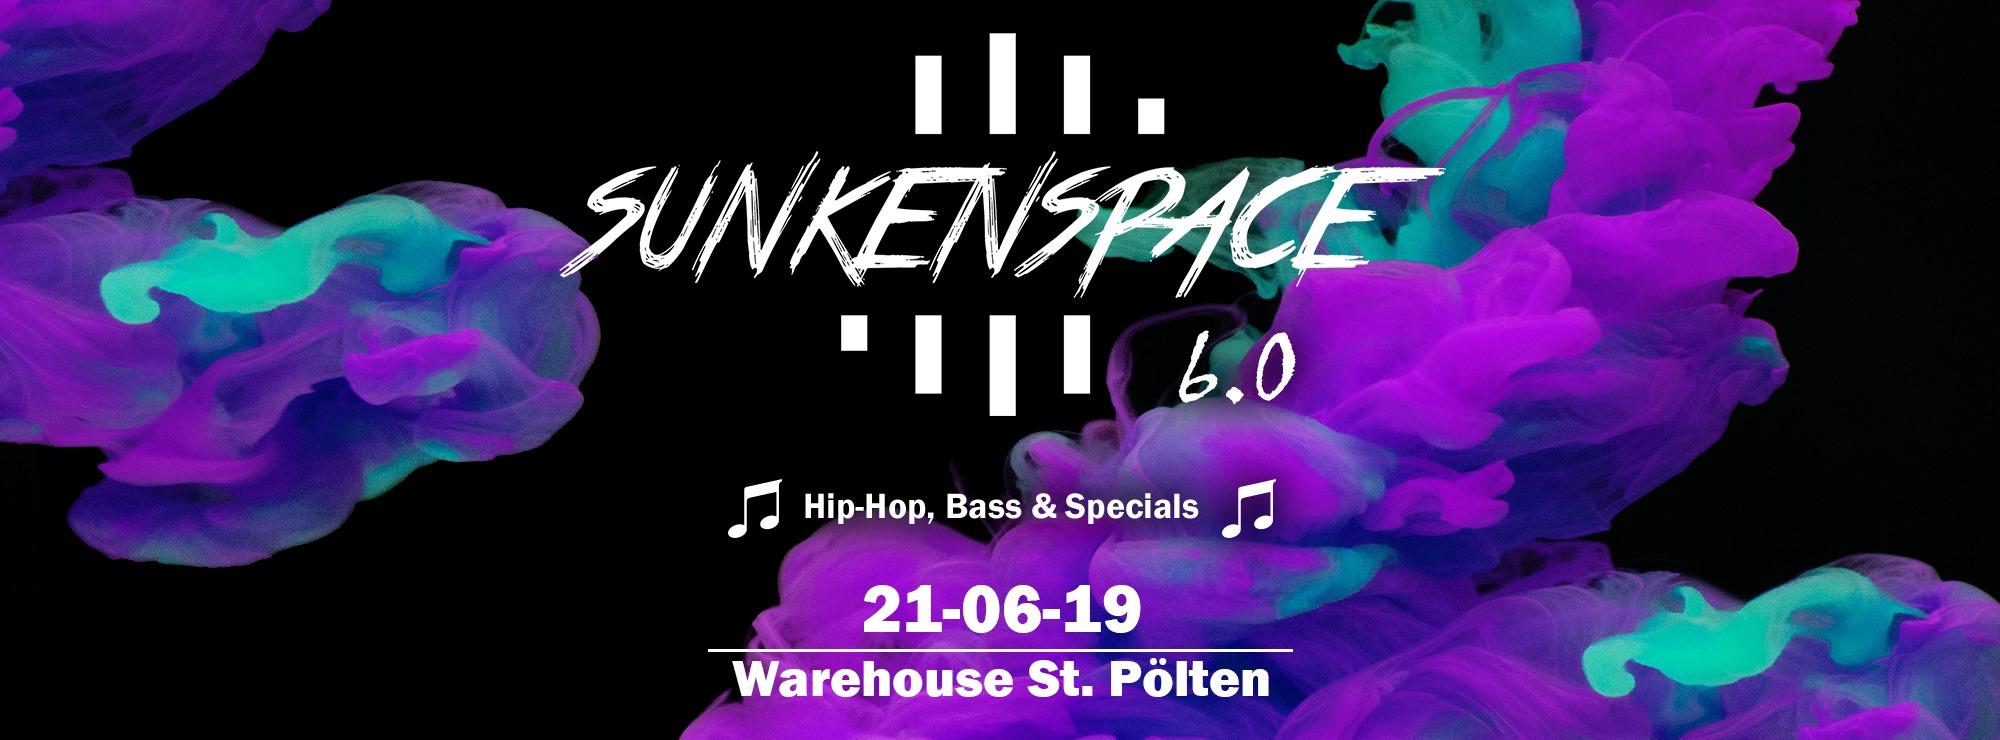 Sunkenspace 6.0